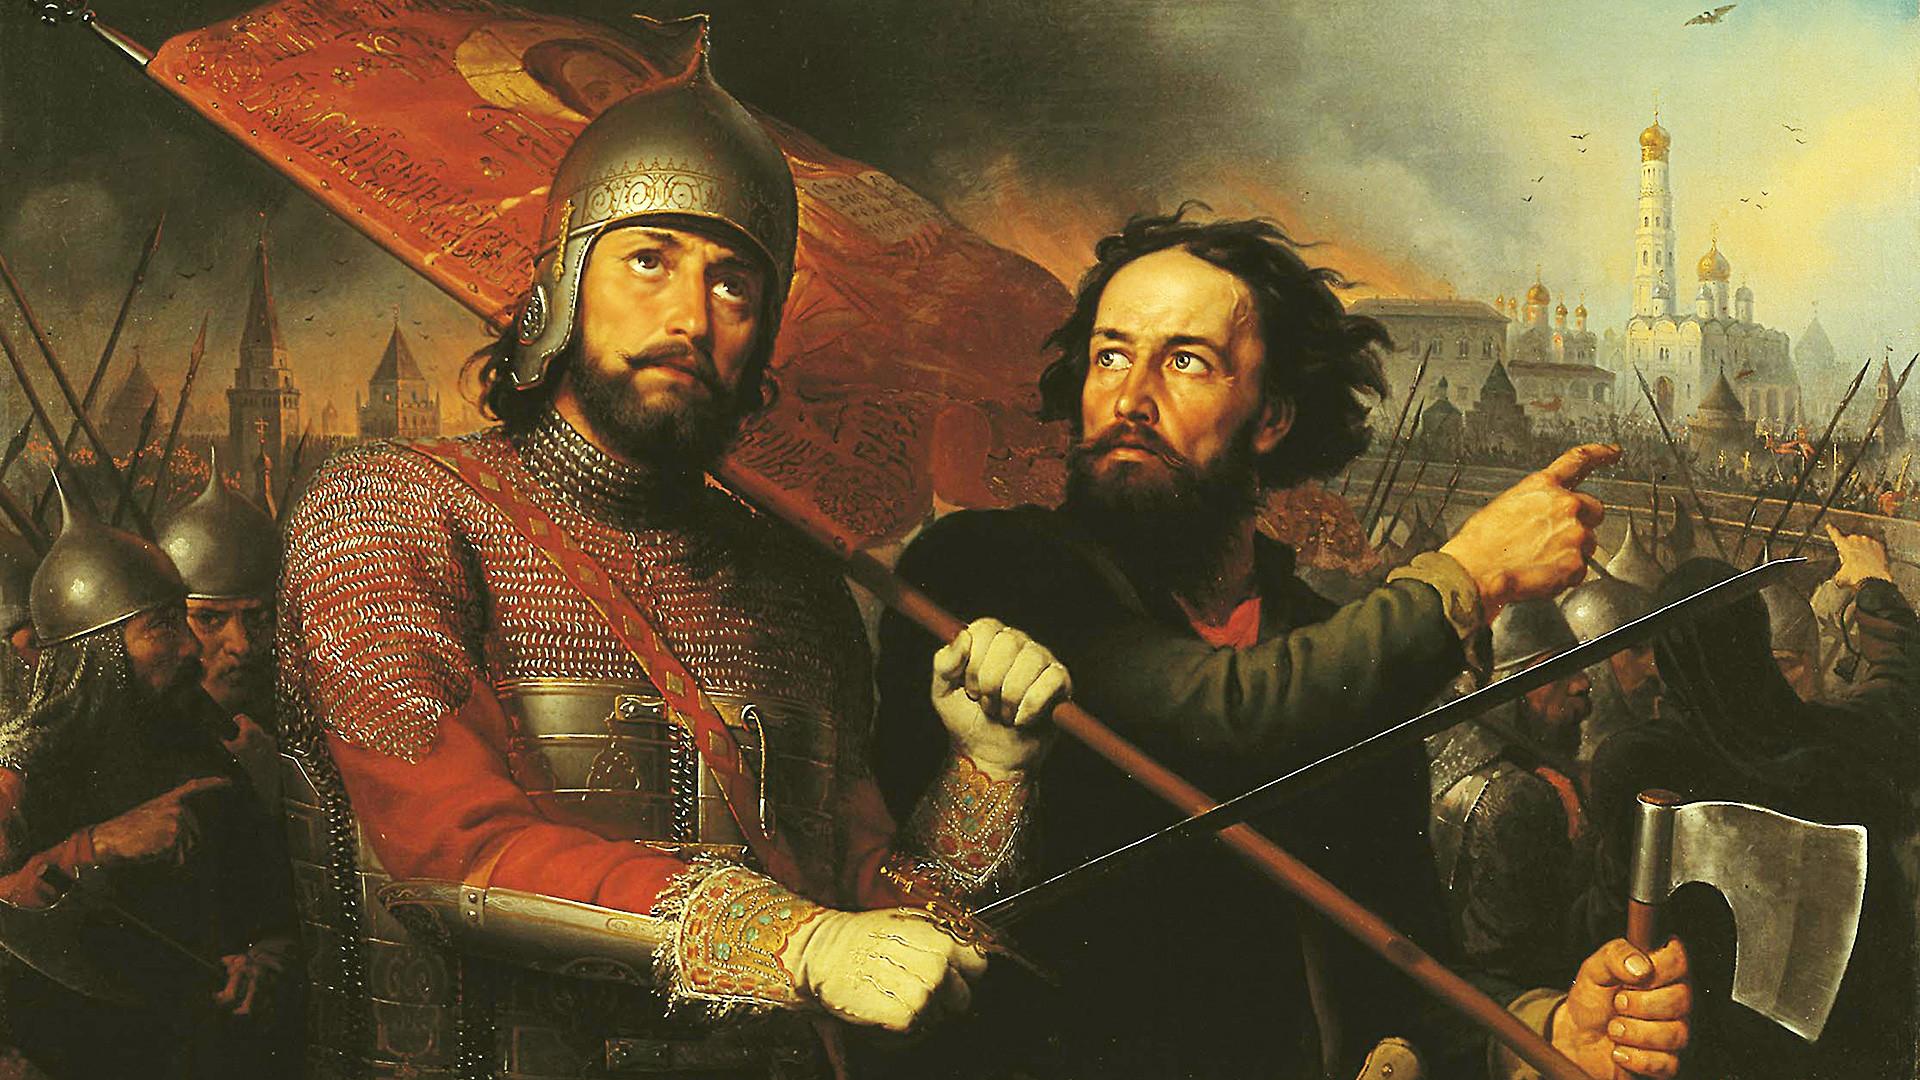 'Kuzma Minin and Dmitriy Pozharskiy'